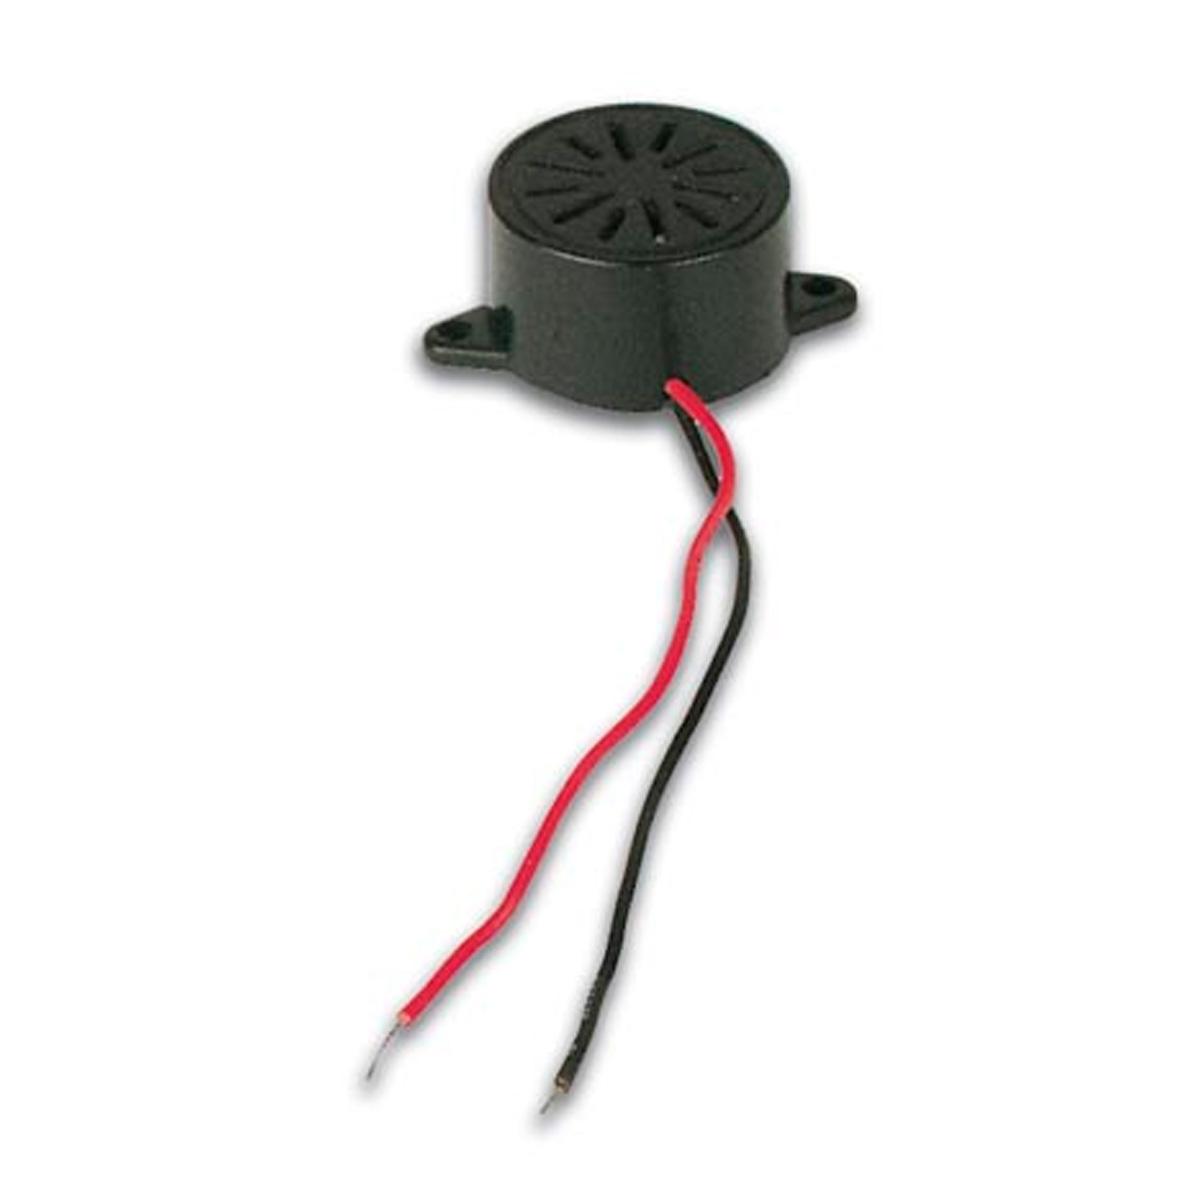 Circuito Zumbador Piezoelectrico : Zumbador piezoelectrico vdc con cable gt sensores y